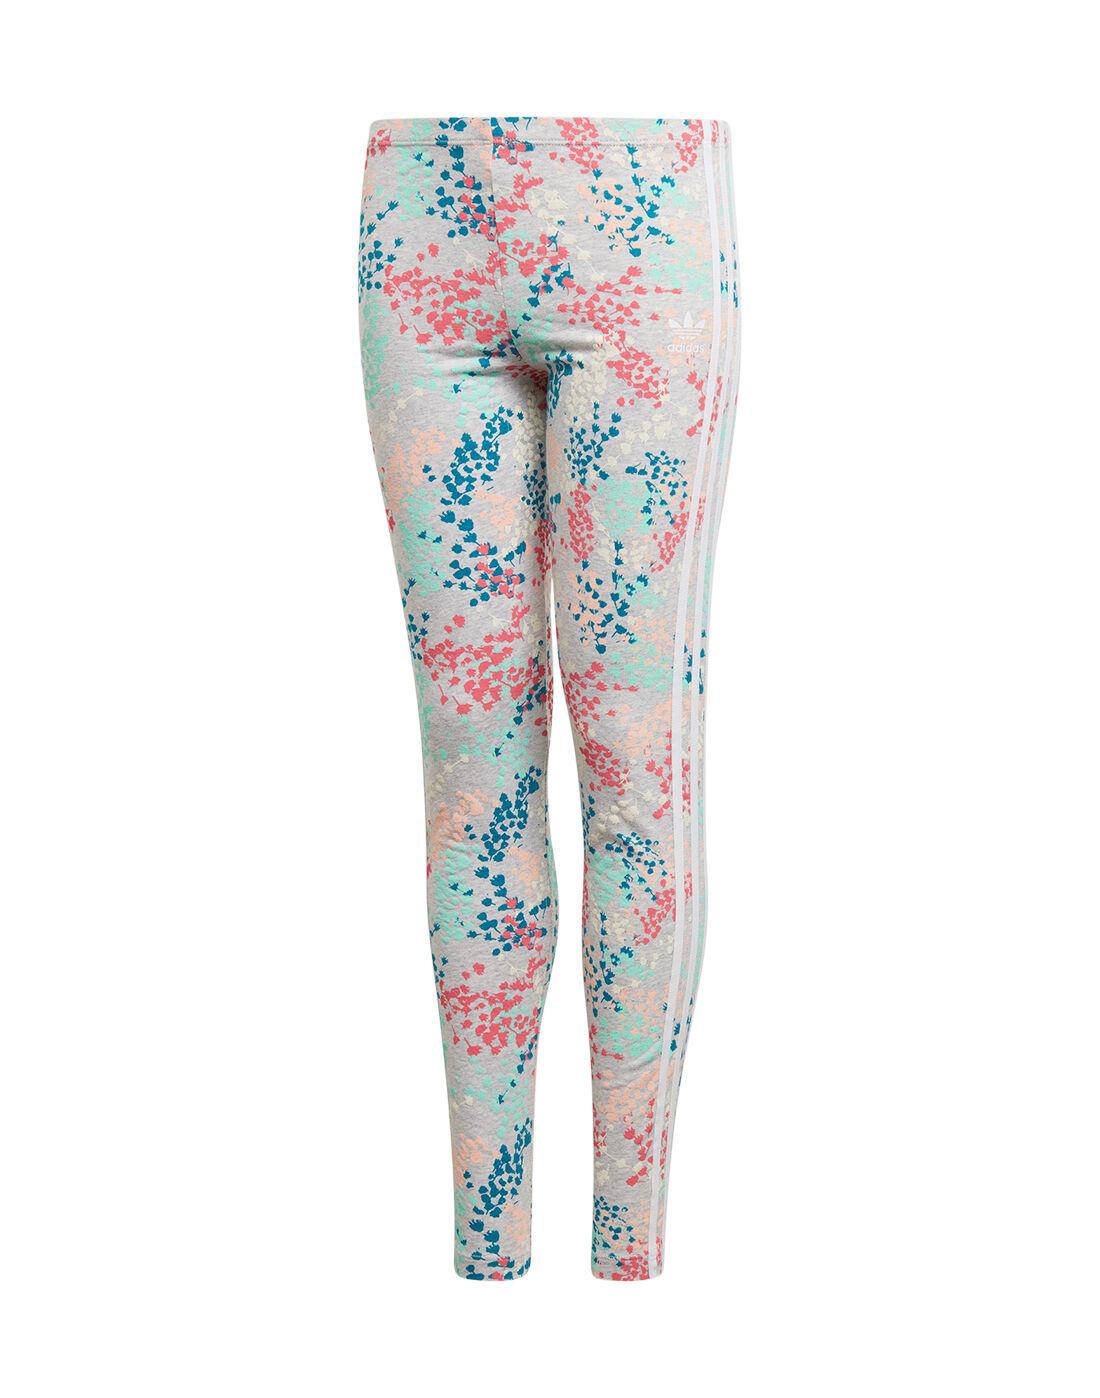 Legging Adidas Older Girls Originals Floral rCtshdxQ